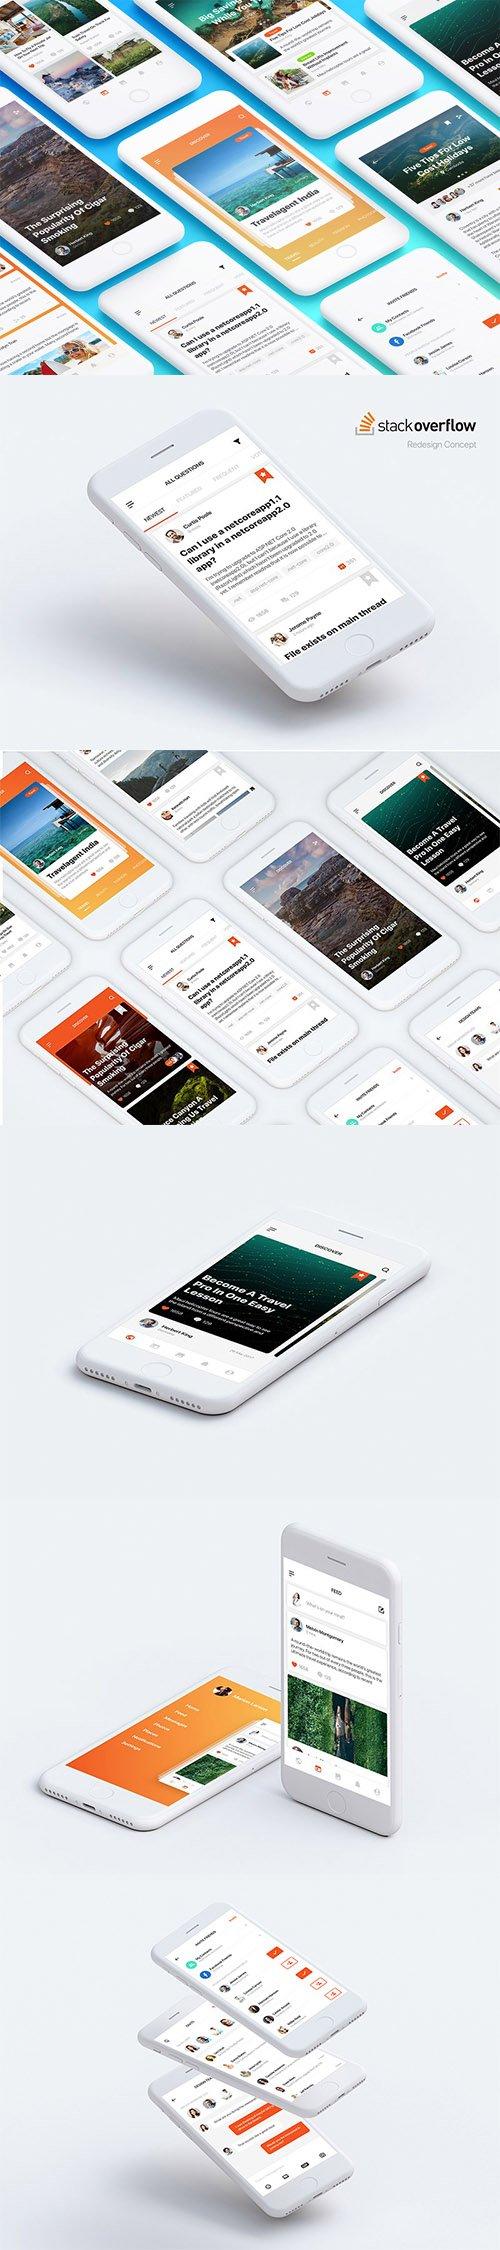 Social Travel App